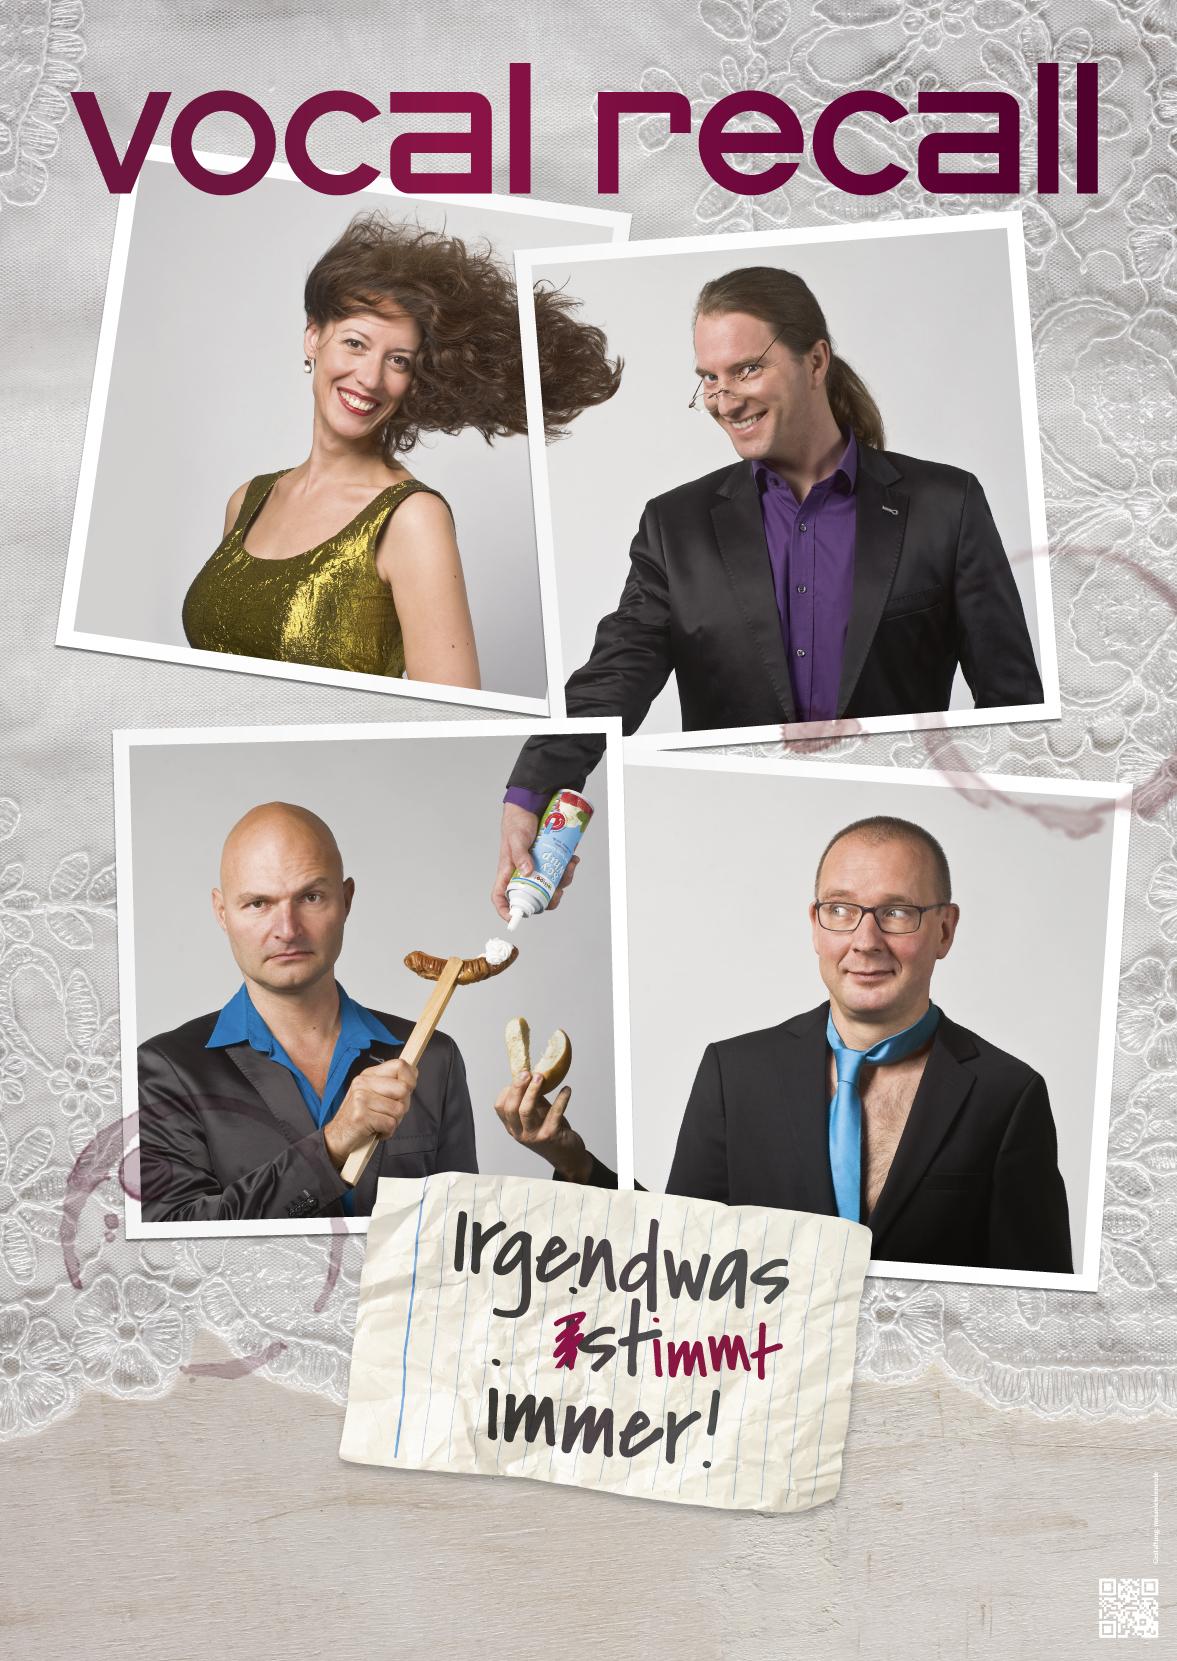 Ansicht des Posters, Portraits der vier Musiker von Vocal Recall auf Tischdecke mit Zettel und Weinglasflecken, Berliner Kabarett-Band